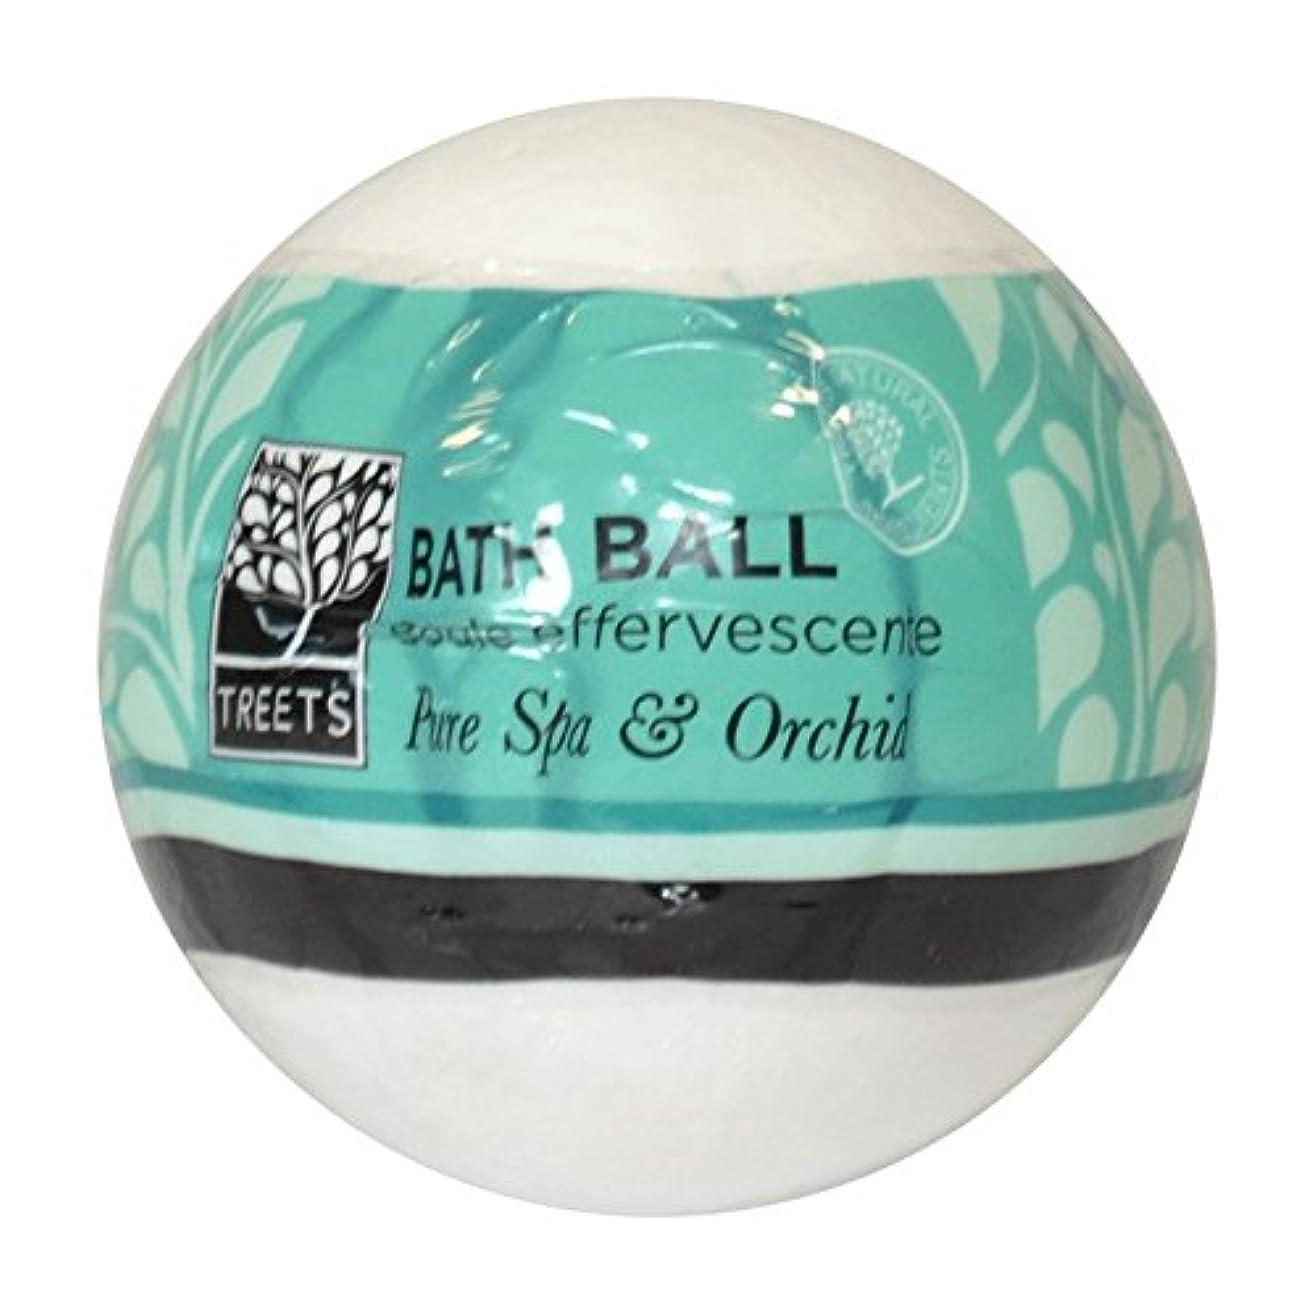 喜劇満員伝染病Treets Orchid & Pure Spa Bath Ball (Pack of 6) - Treets蘭&純粋なスパバスボール (x6) [並行輸入品]